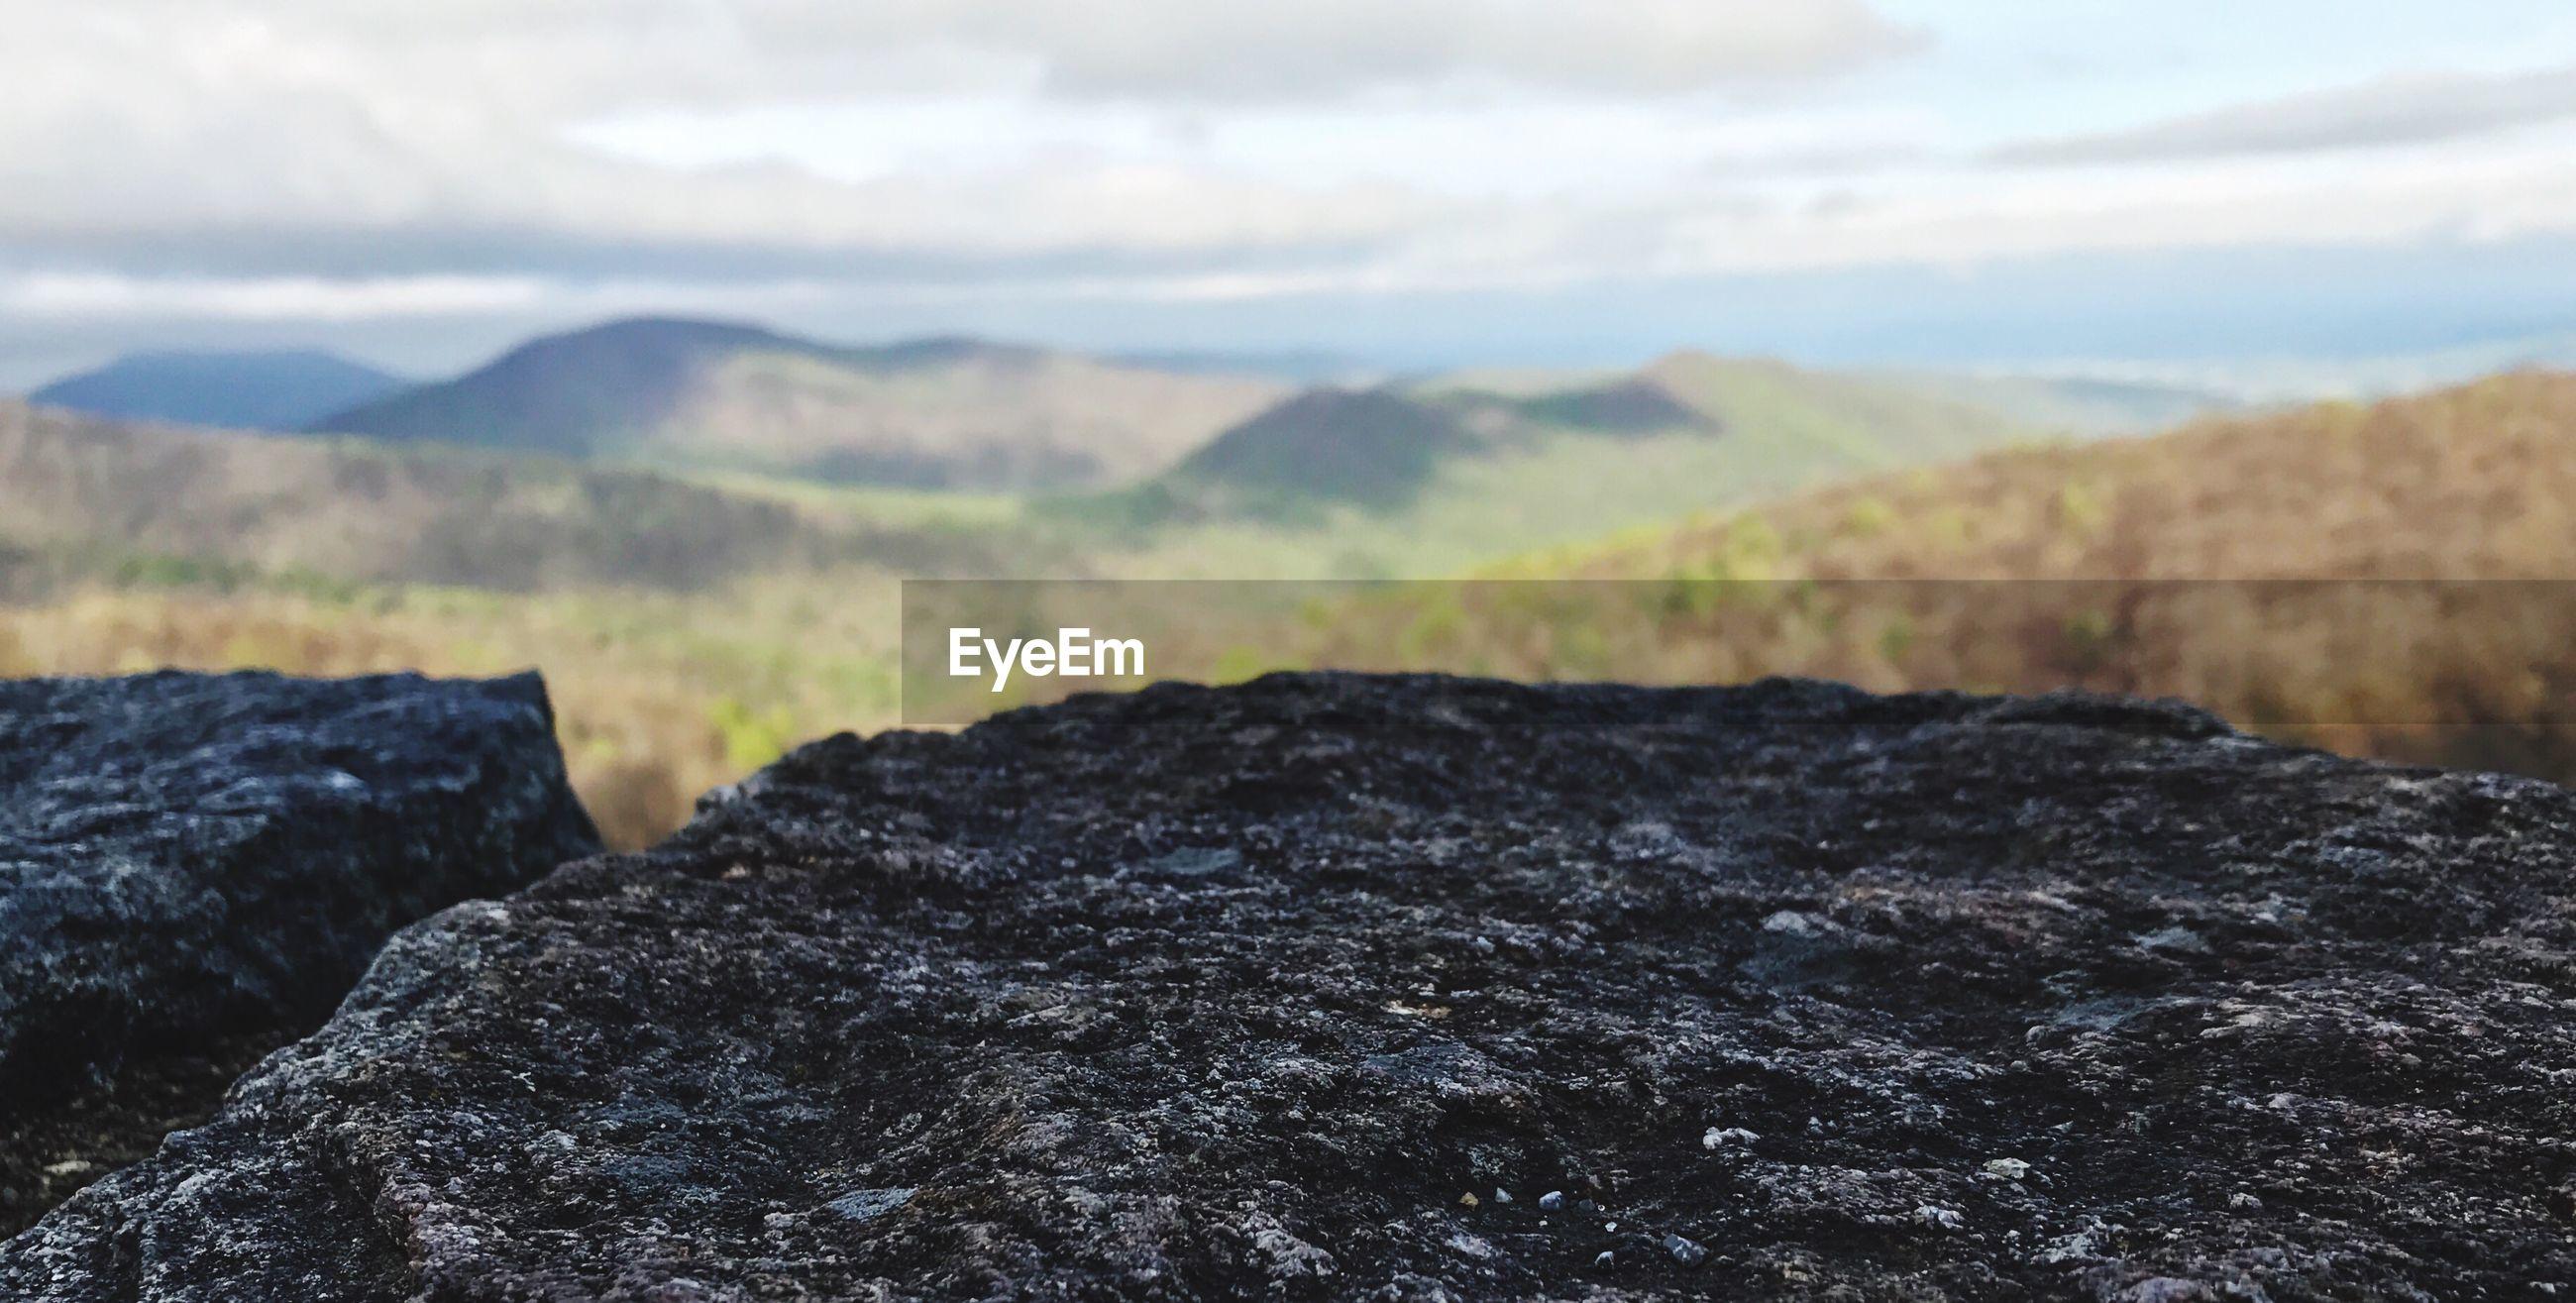 CLOSE-UP OF ROCKS ON LANDSCAPE AGAINST SKY